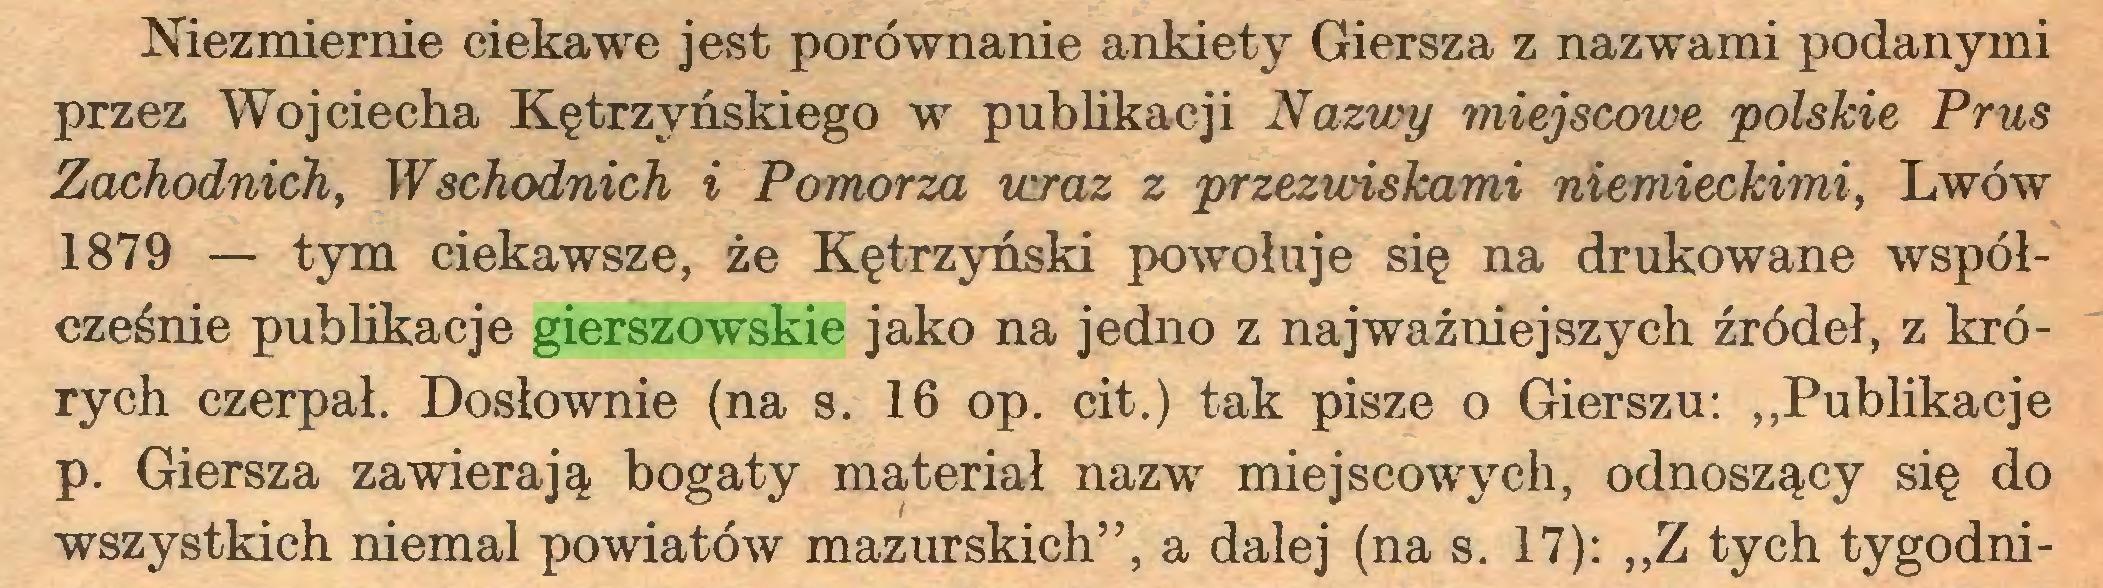 """(...) Niezmiernie ciekawe jest porównanie ankiety Giersza z nazwami podanymi przez Wojciecha Kętrzyńskiego w publikacji Nazwy miejscowe polskie Prus Zachodnich, Wschodnich i Pomorza wraz z przezwiskami niemieckimi, Lwów 1879 — tym ciekawsze, że Kętrzyński powołuje się na drukowane współcześnie publikacje gierszowskie jako na jedno z najważniejszych źródeł, z krórych czerpał. Dosłownie (na s. 16 op. cit.) tak pisze o Gierszu: """"Publikacje p. Giersza zawierają bogaty materiał nazwr miejscowych, odnoszący się do wszystkich niemal powiatów mazurskich"""", a dalej (na s. 17): """"Z tych tygodni..."""